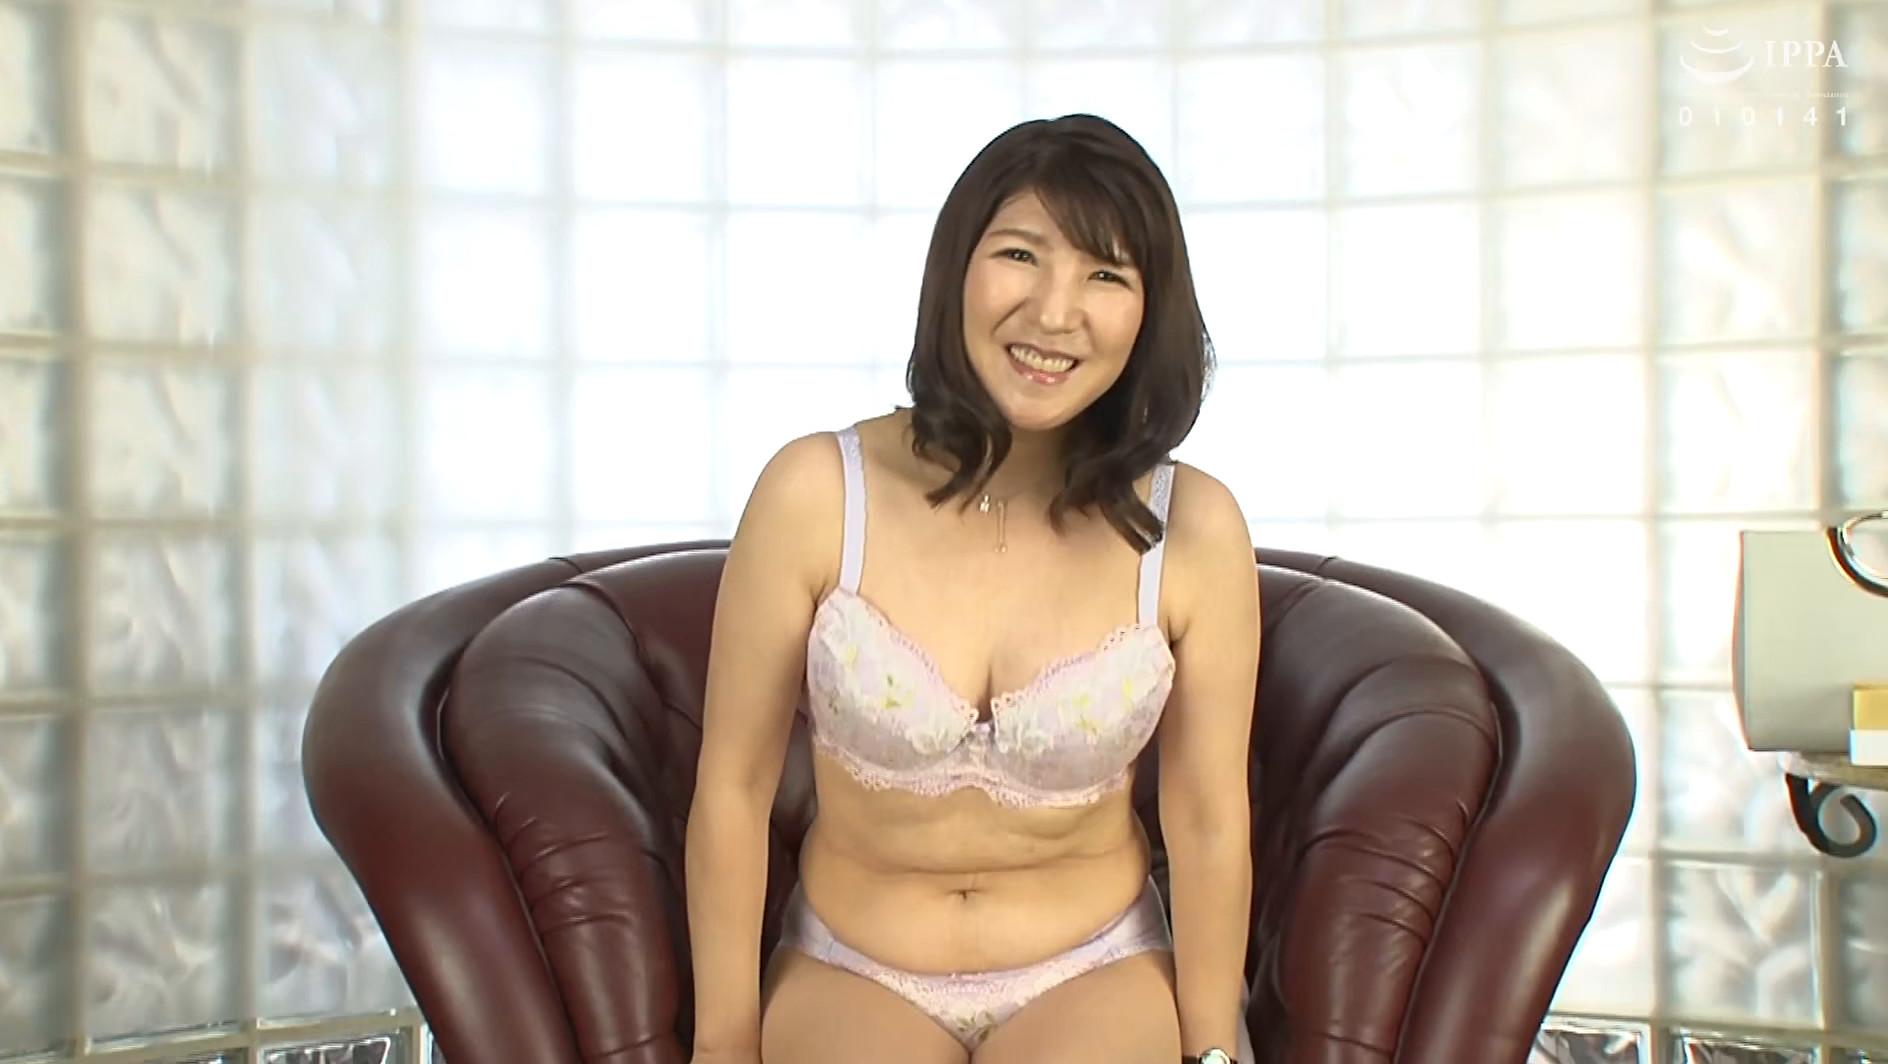 【四十路】こはる 46歳(初脱ぎ・千葉県在住・専業主婦)